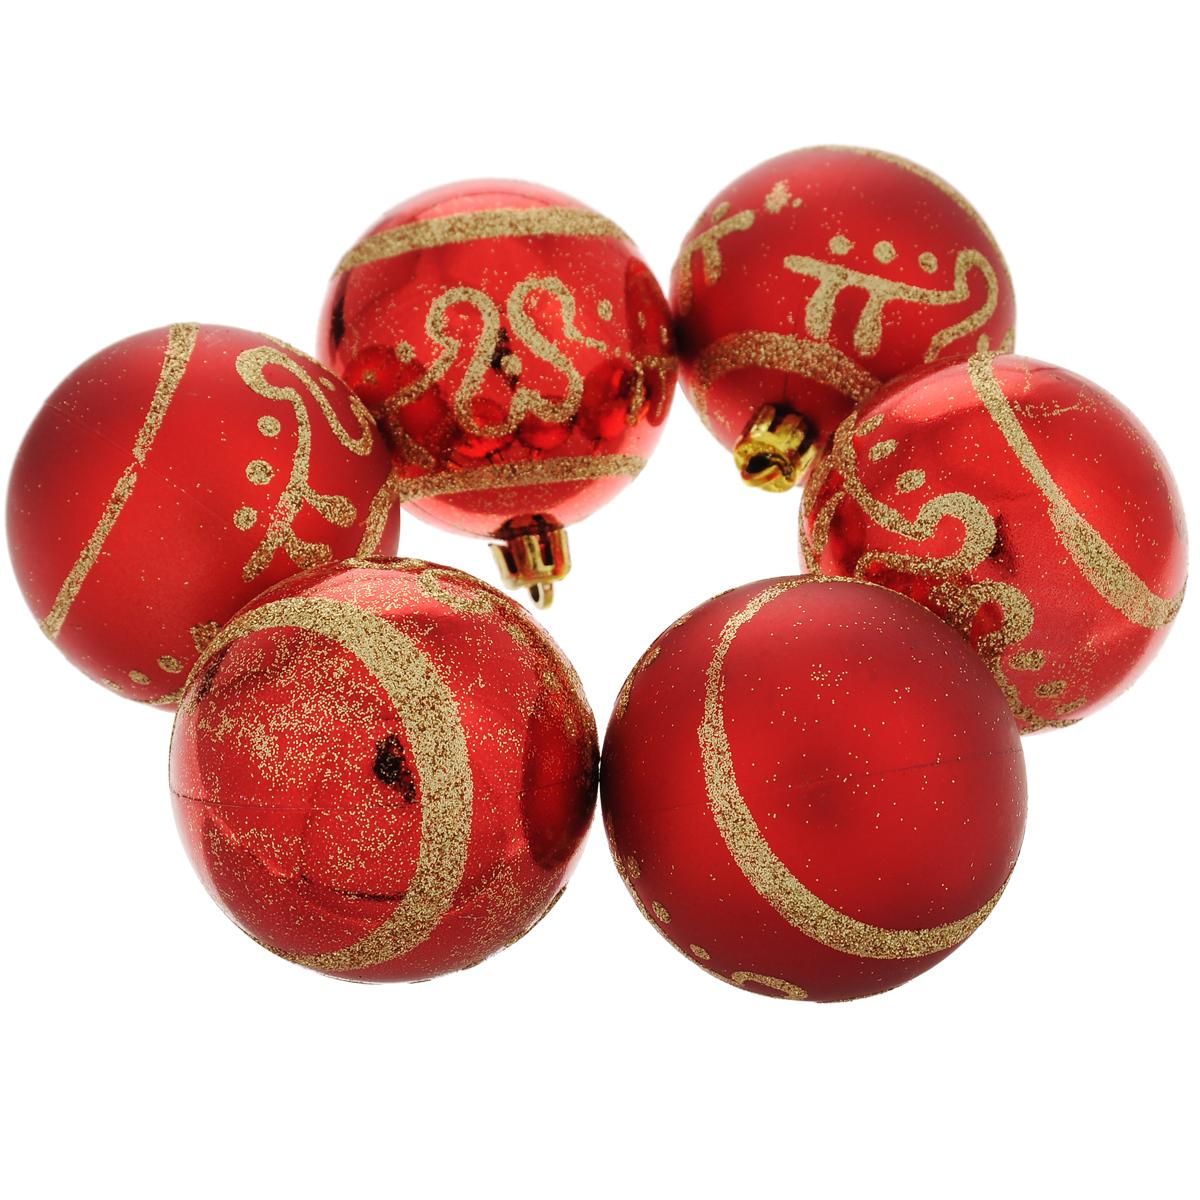 Набор новогодних подвесных украшений Шар, цвет: золотистый, красный, диаметр 6 см, 6 шт. 3549435494Набор новогодних подвесных украшений Шар прекрасно подойдет для праздничного декора новогодней ели. Состоит из шести шаров. Елочная игрушка - символ Нового года. Она несет в себе волшебство и красоту праздника. Создайте в своем доме атмосферу веселья и радости, украшая новогоднюю елку нарядными игрушками, которые будут из года в год накапливать теплоту воспоминаний. Коллекция декоративных украшений принесет в ваш дом ни с чем несравнимое ощущение волшебства! Откройте для себя удивительный мир сказок и грез. Почувствуйте волшебные минуты ожидания праздника, создайте новогоднее настроение вашим дорогим и близким.